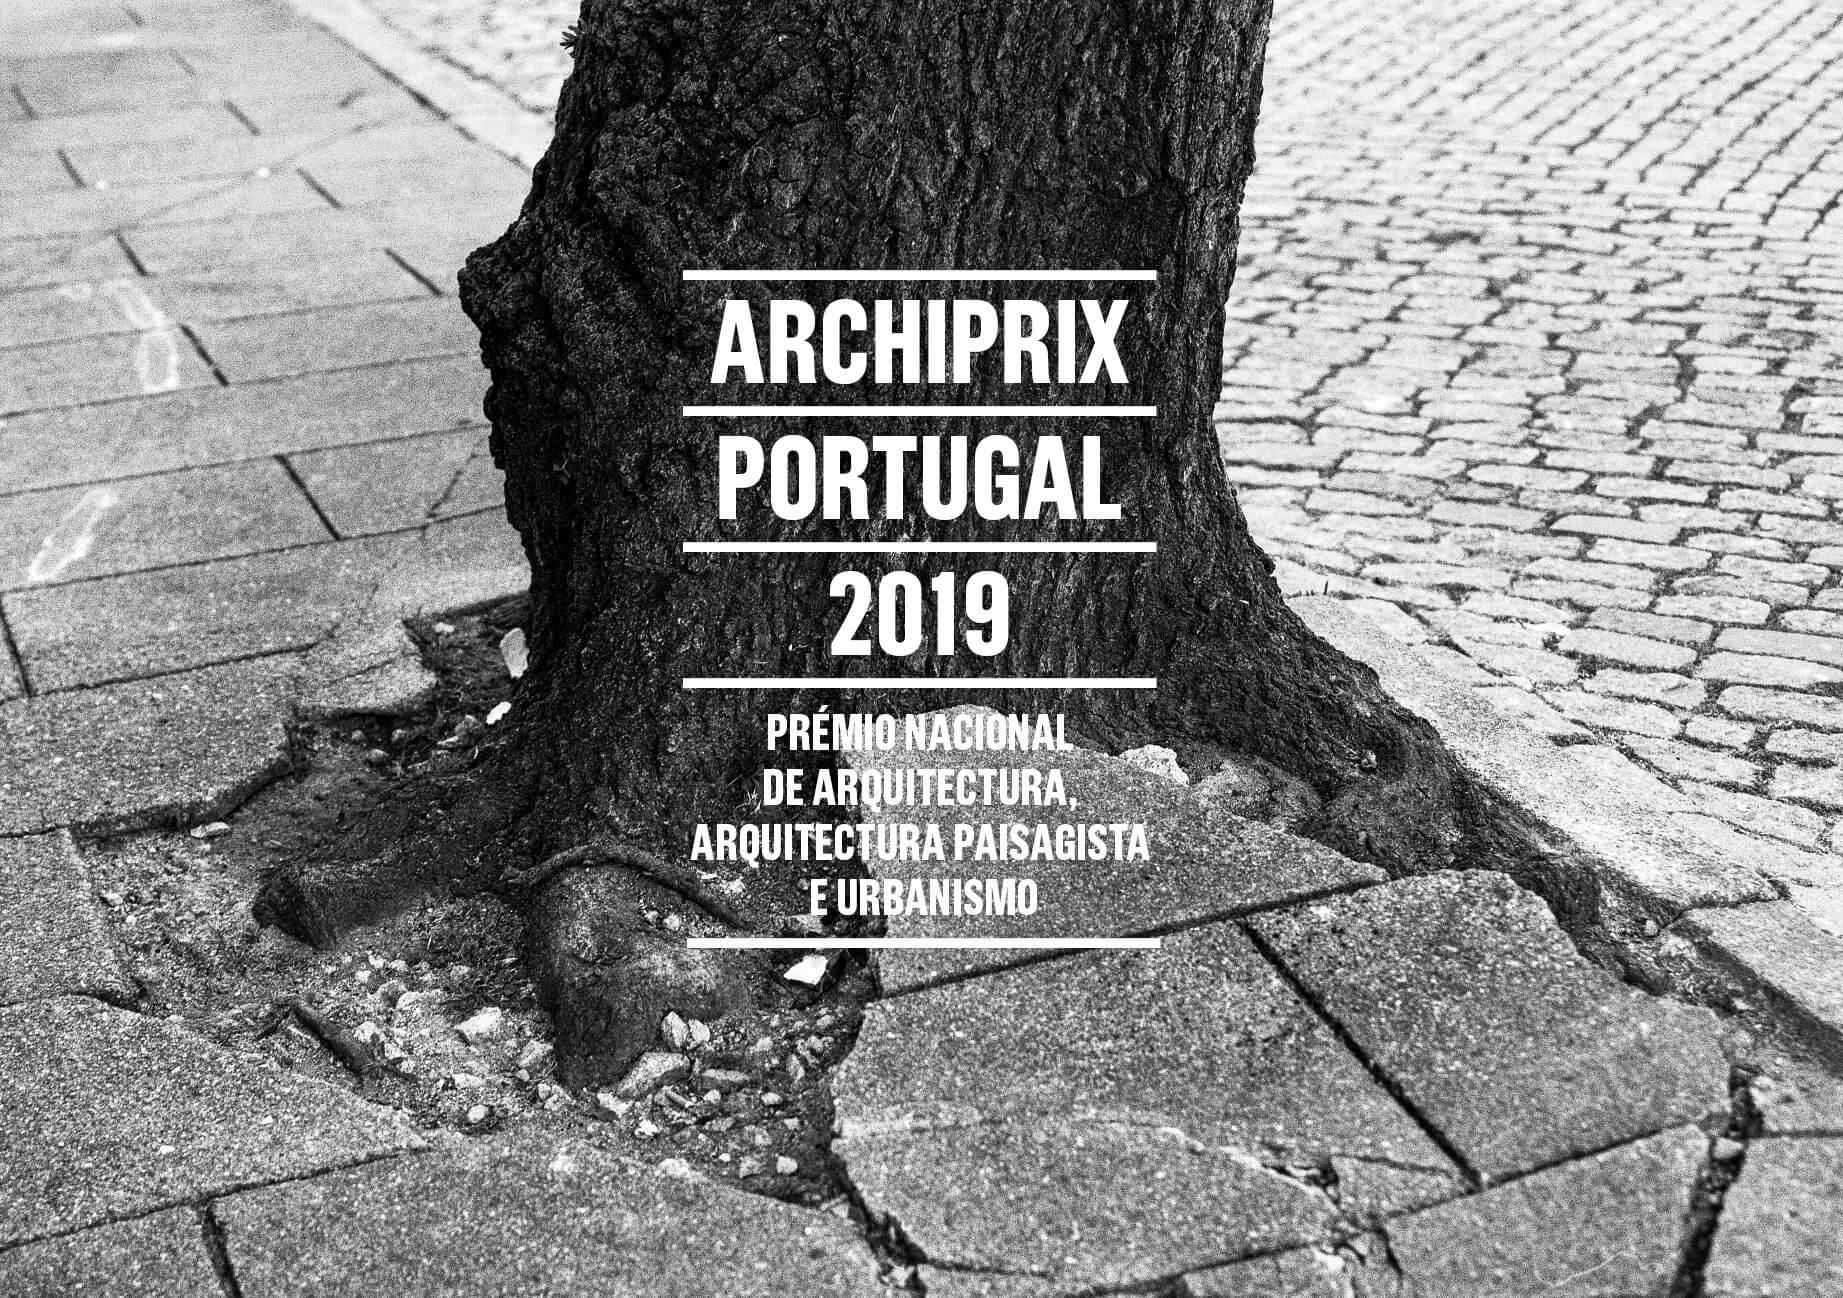 Prémio Archiprix Portugal 2019